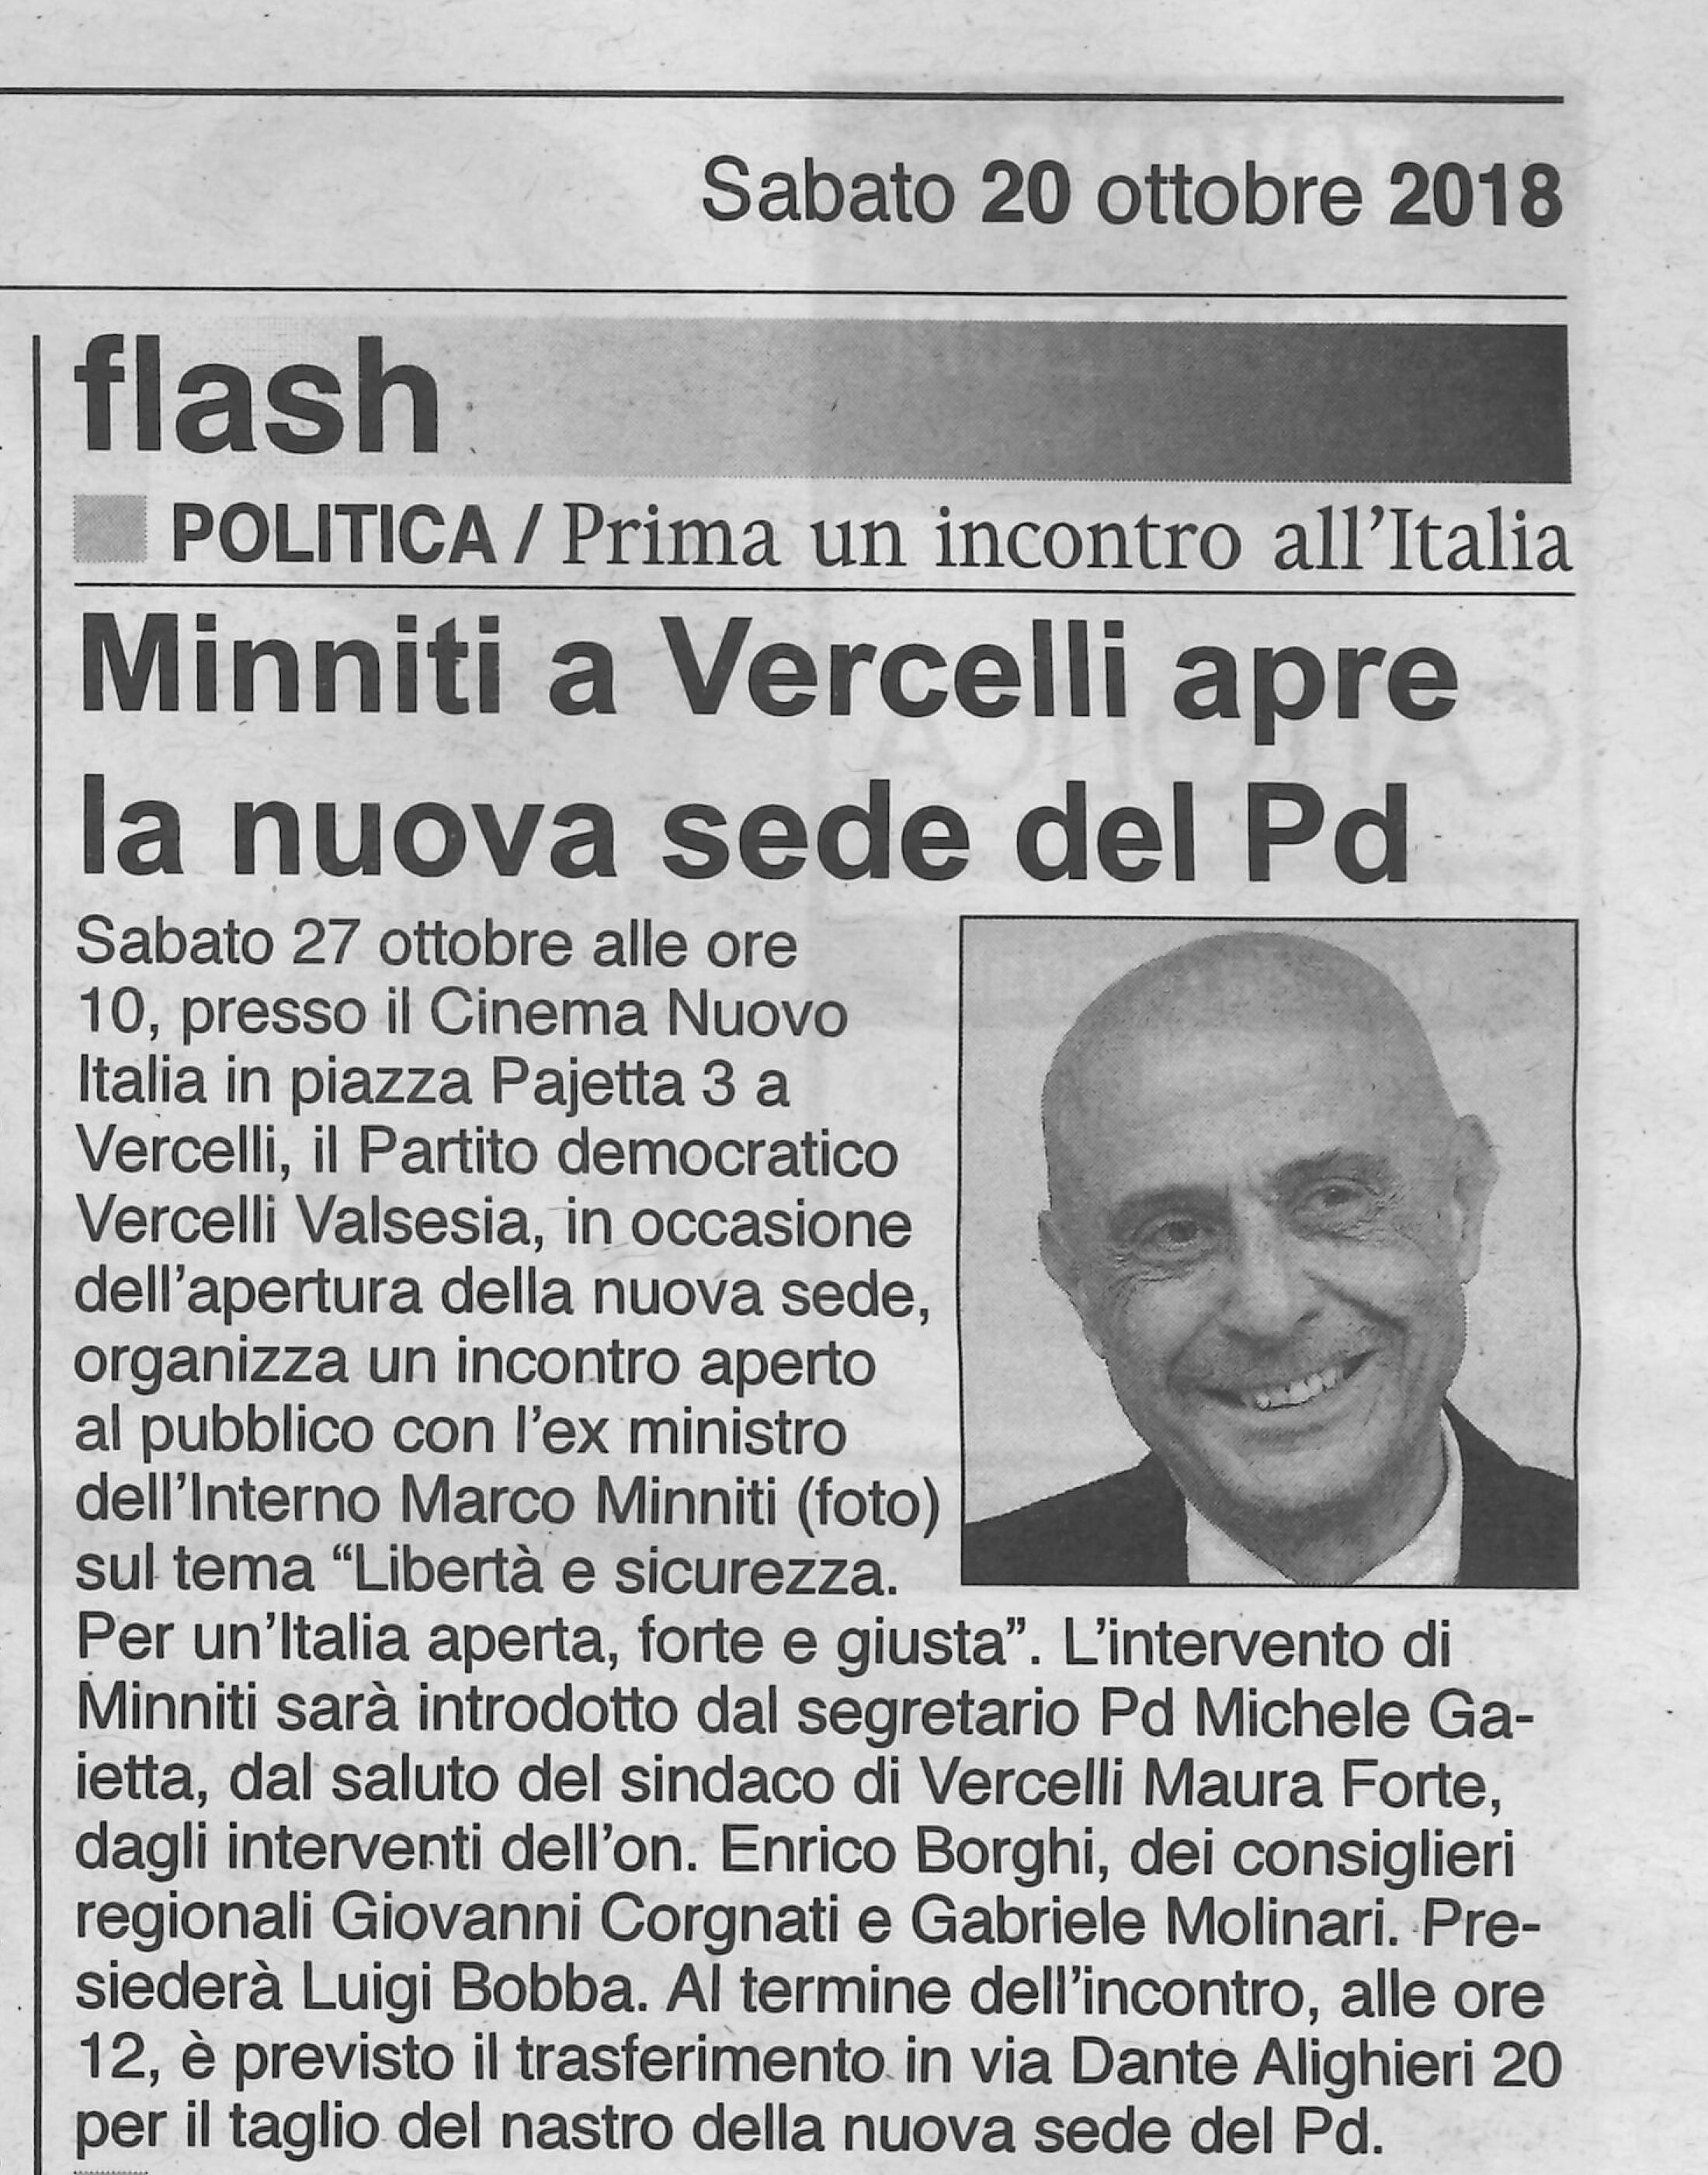 Minniti a Vercelli apre la nuova sede del PD